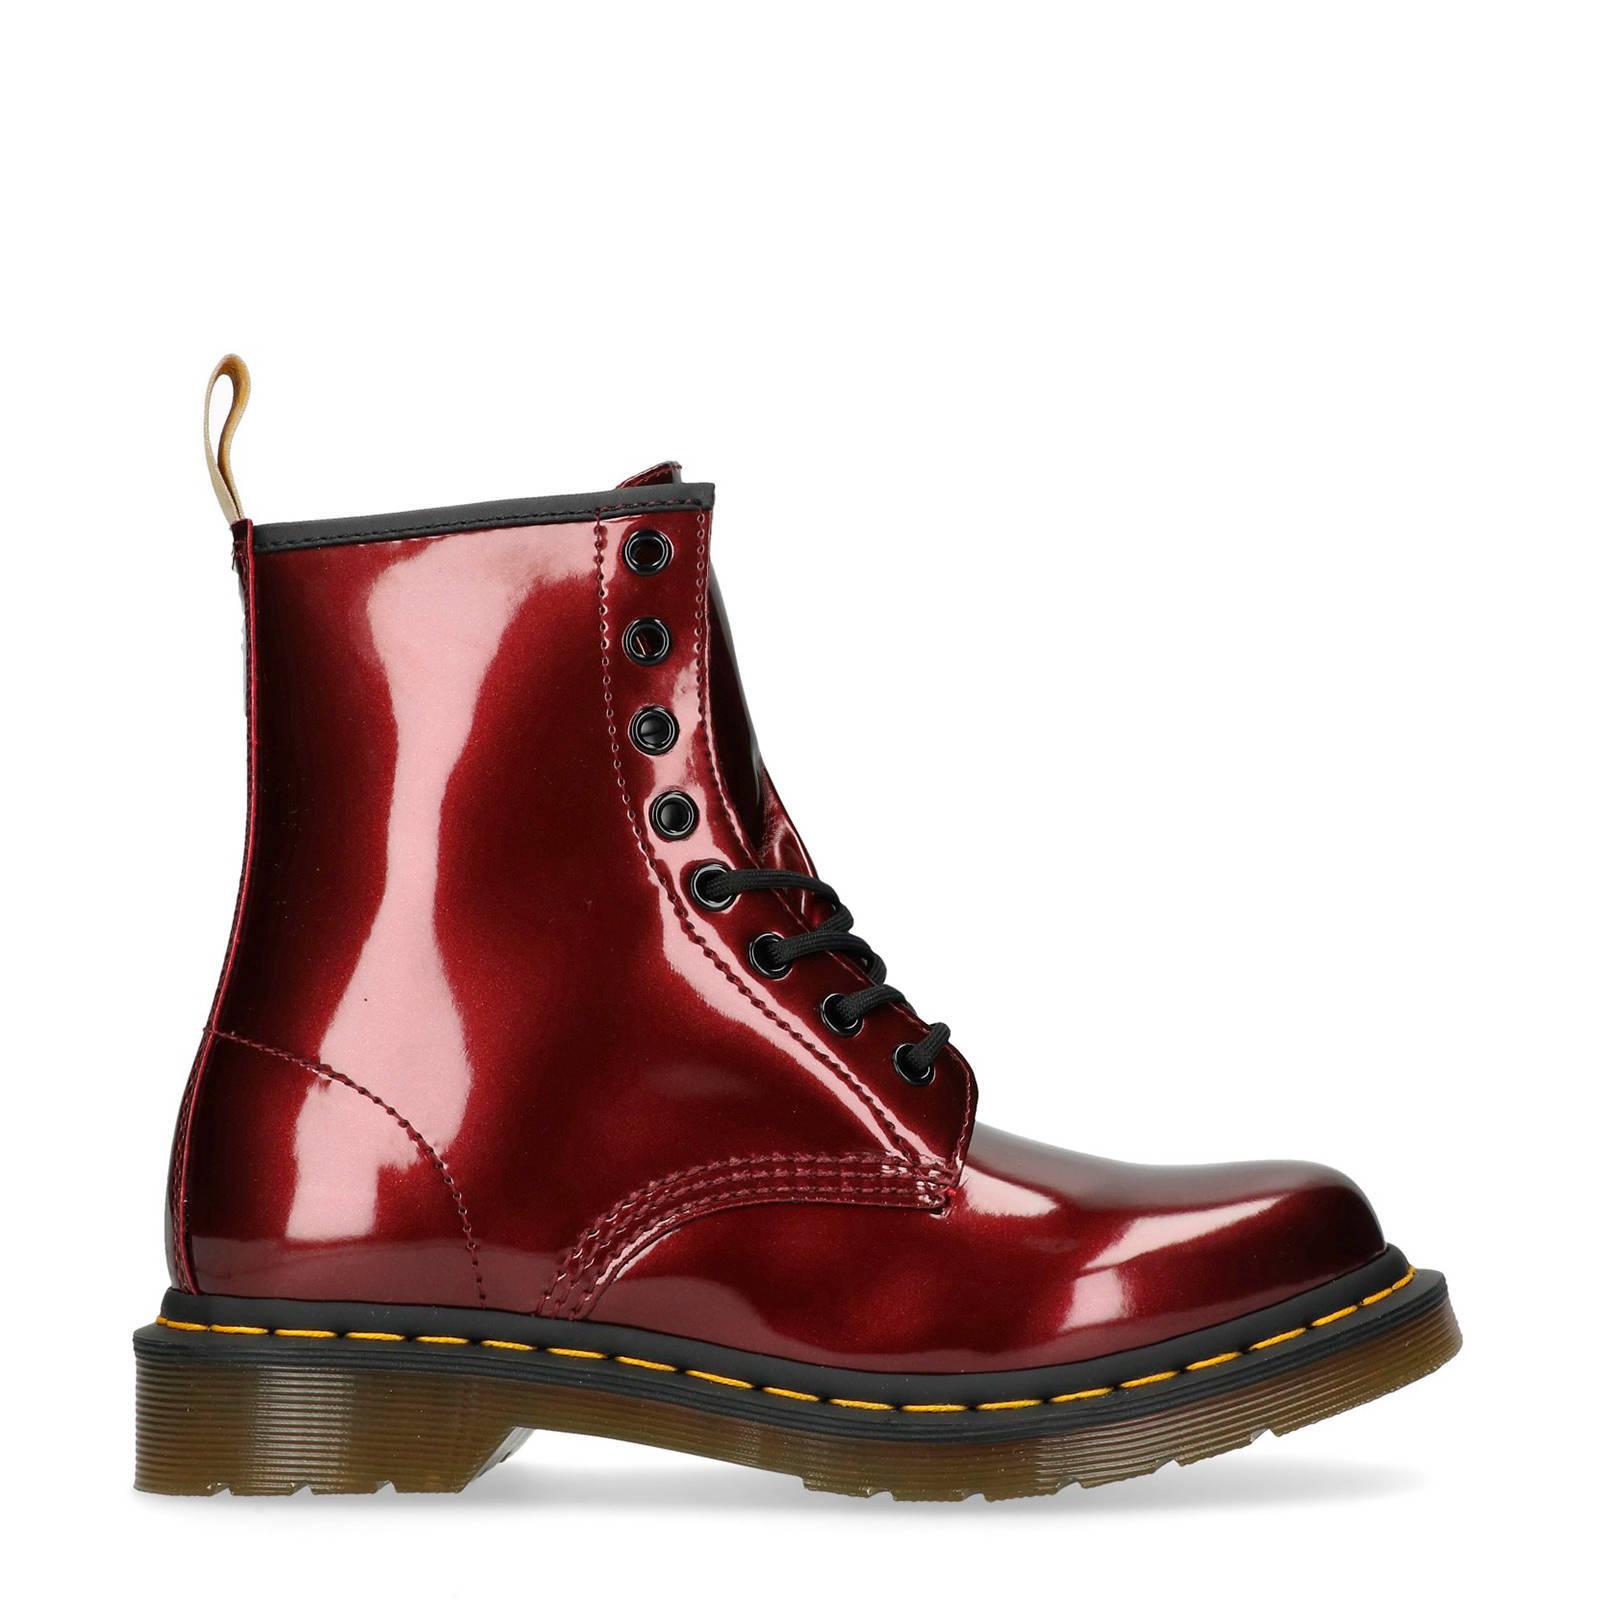 07807f793ca75 National Glamour Day schoenen bij wehkamp - Gratis bezorging vanaf 20.-